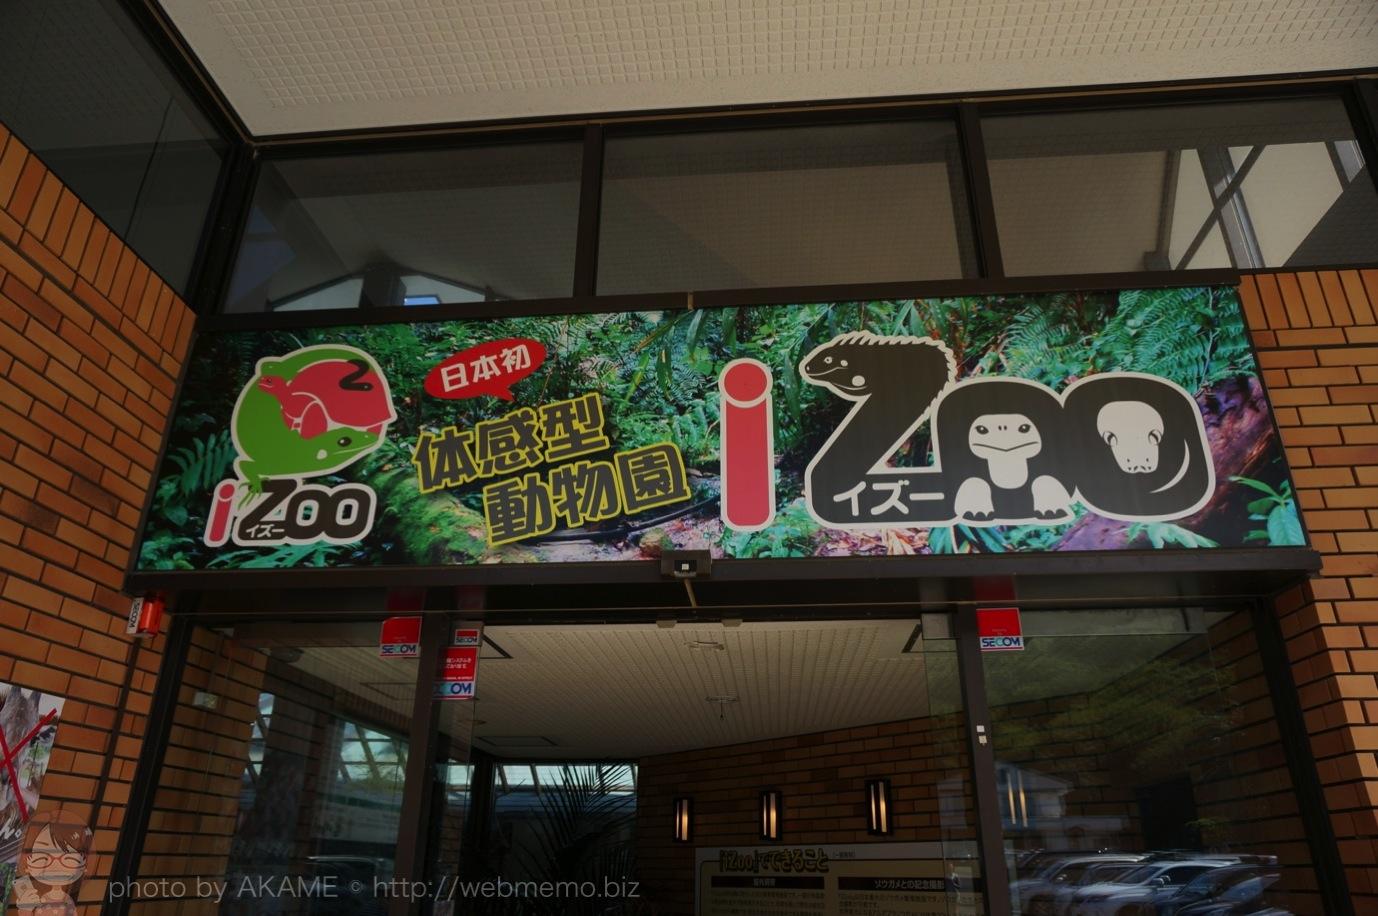 iZoo 入り口